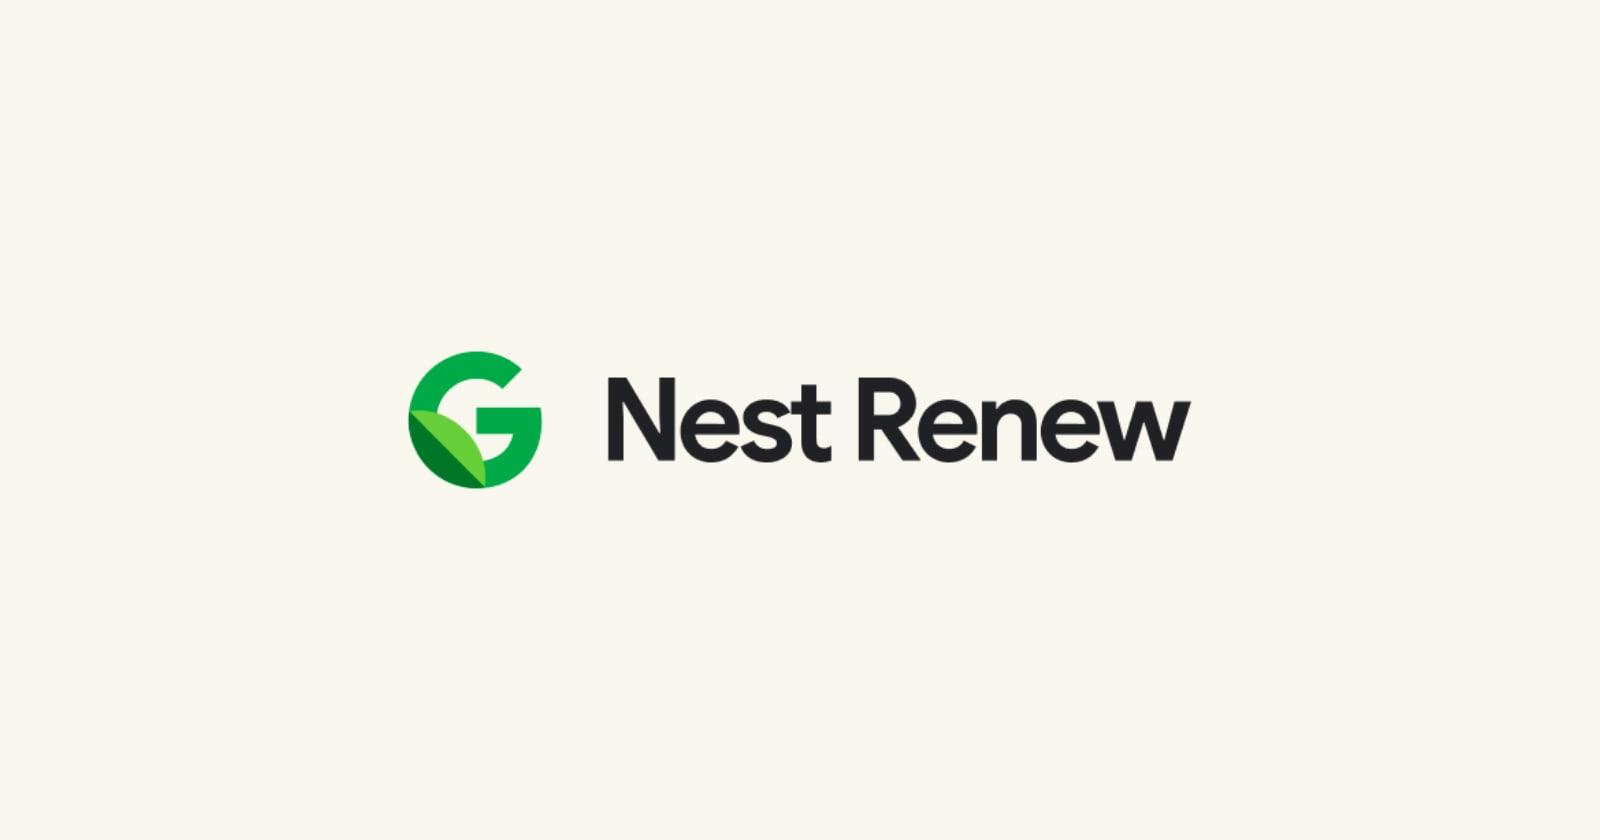 Nest Renew